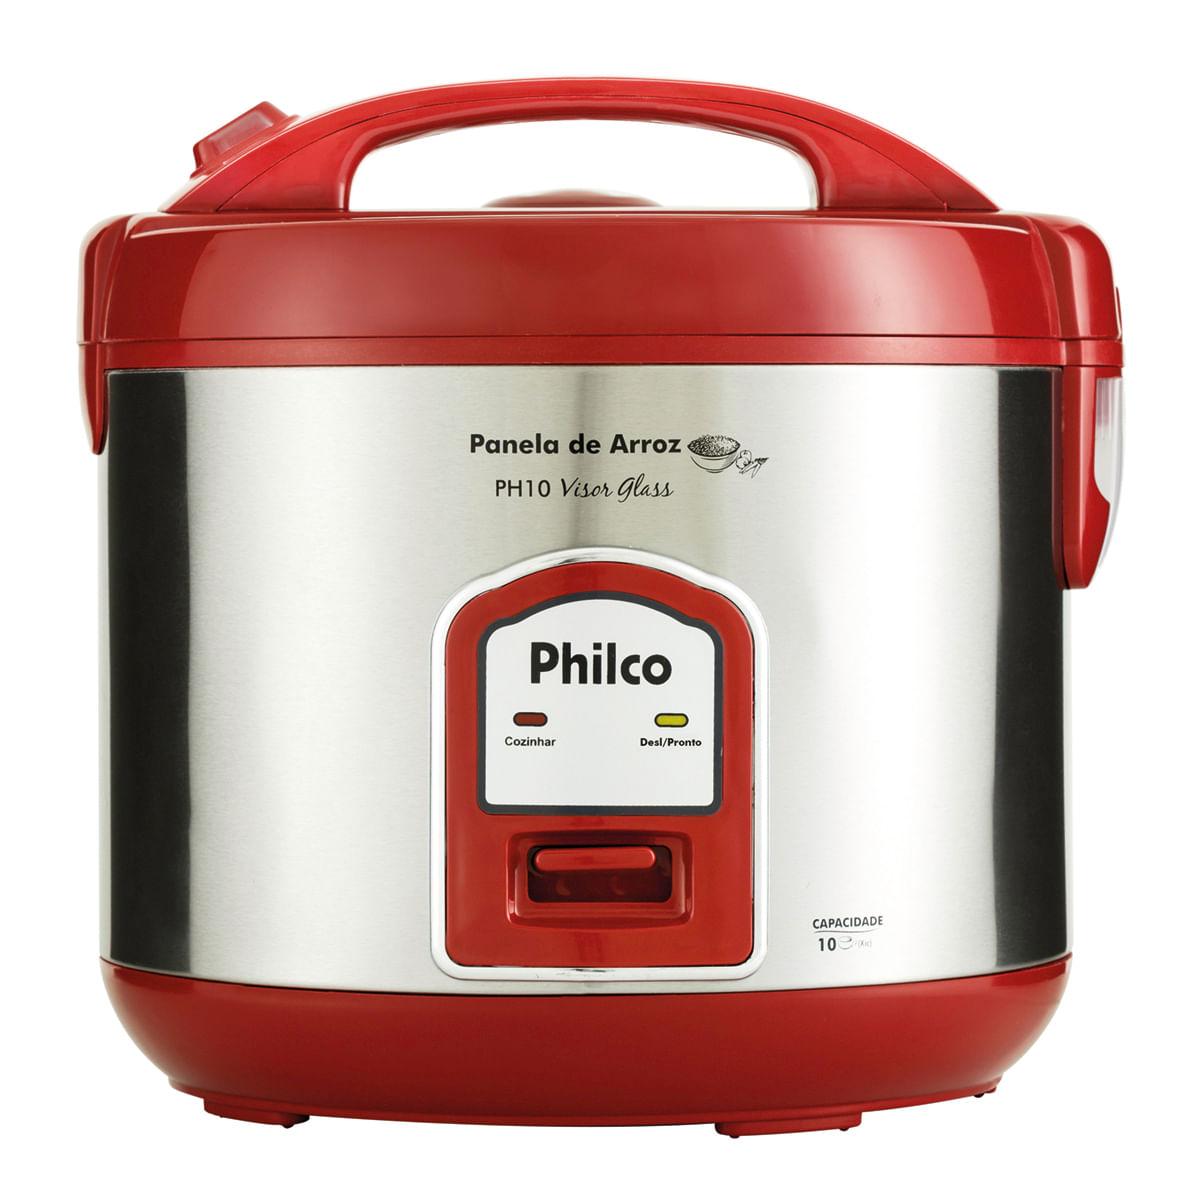 e1415dc61 Panela de Arroz Philco PH10 Visor Glass Vermelha